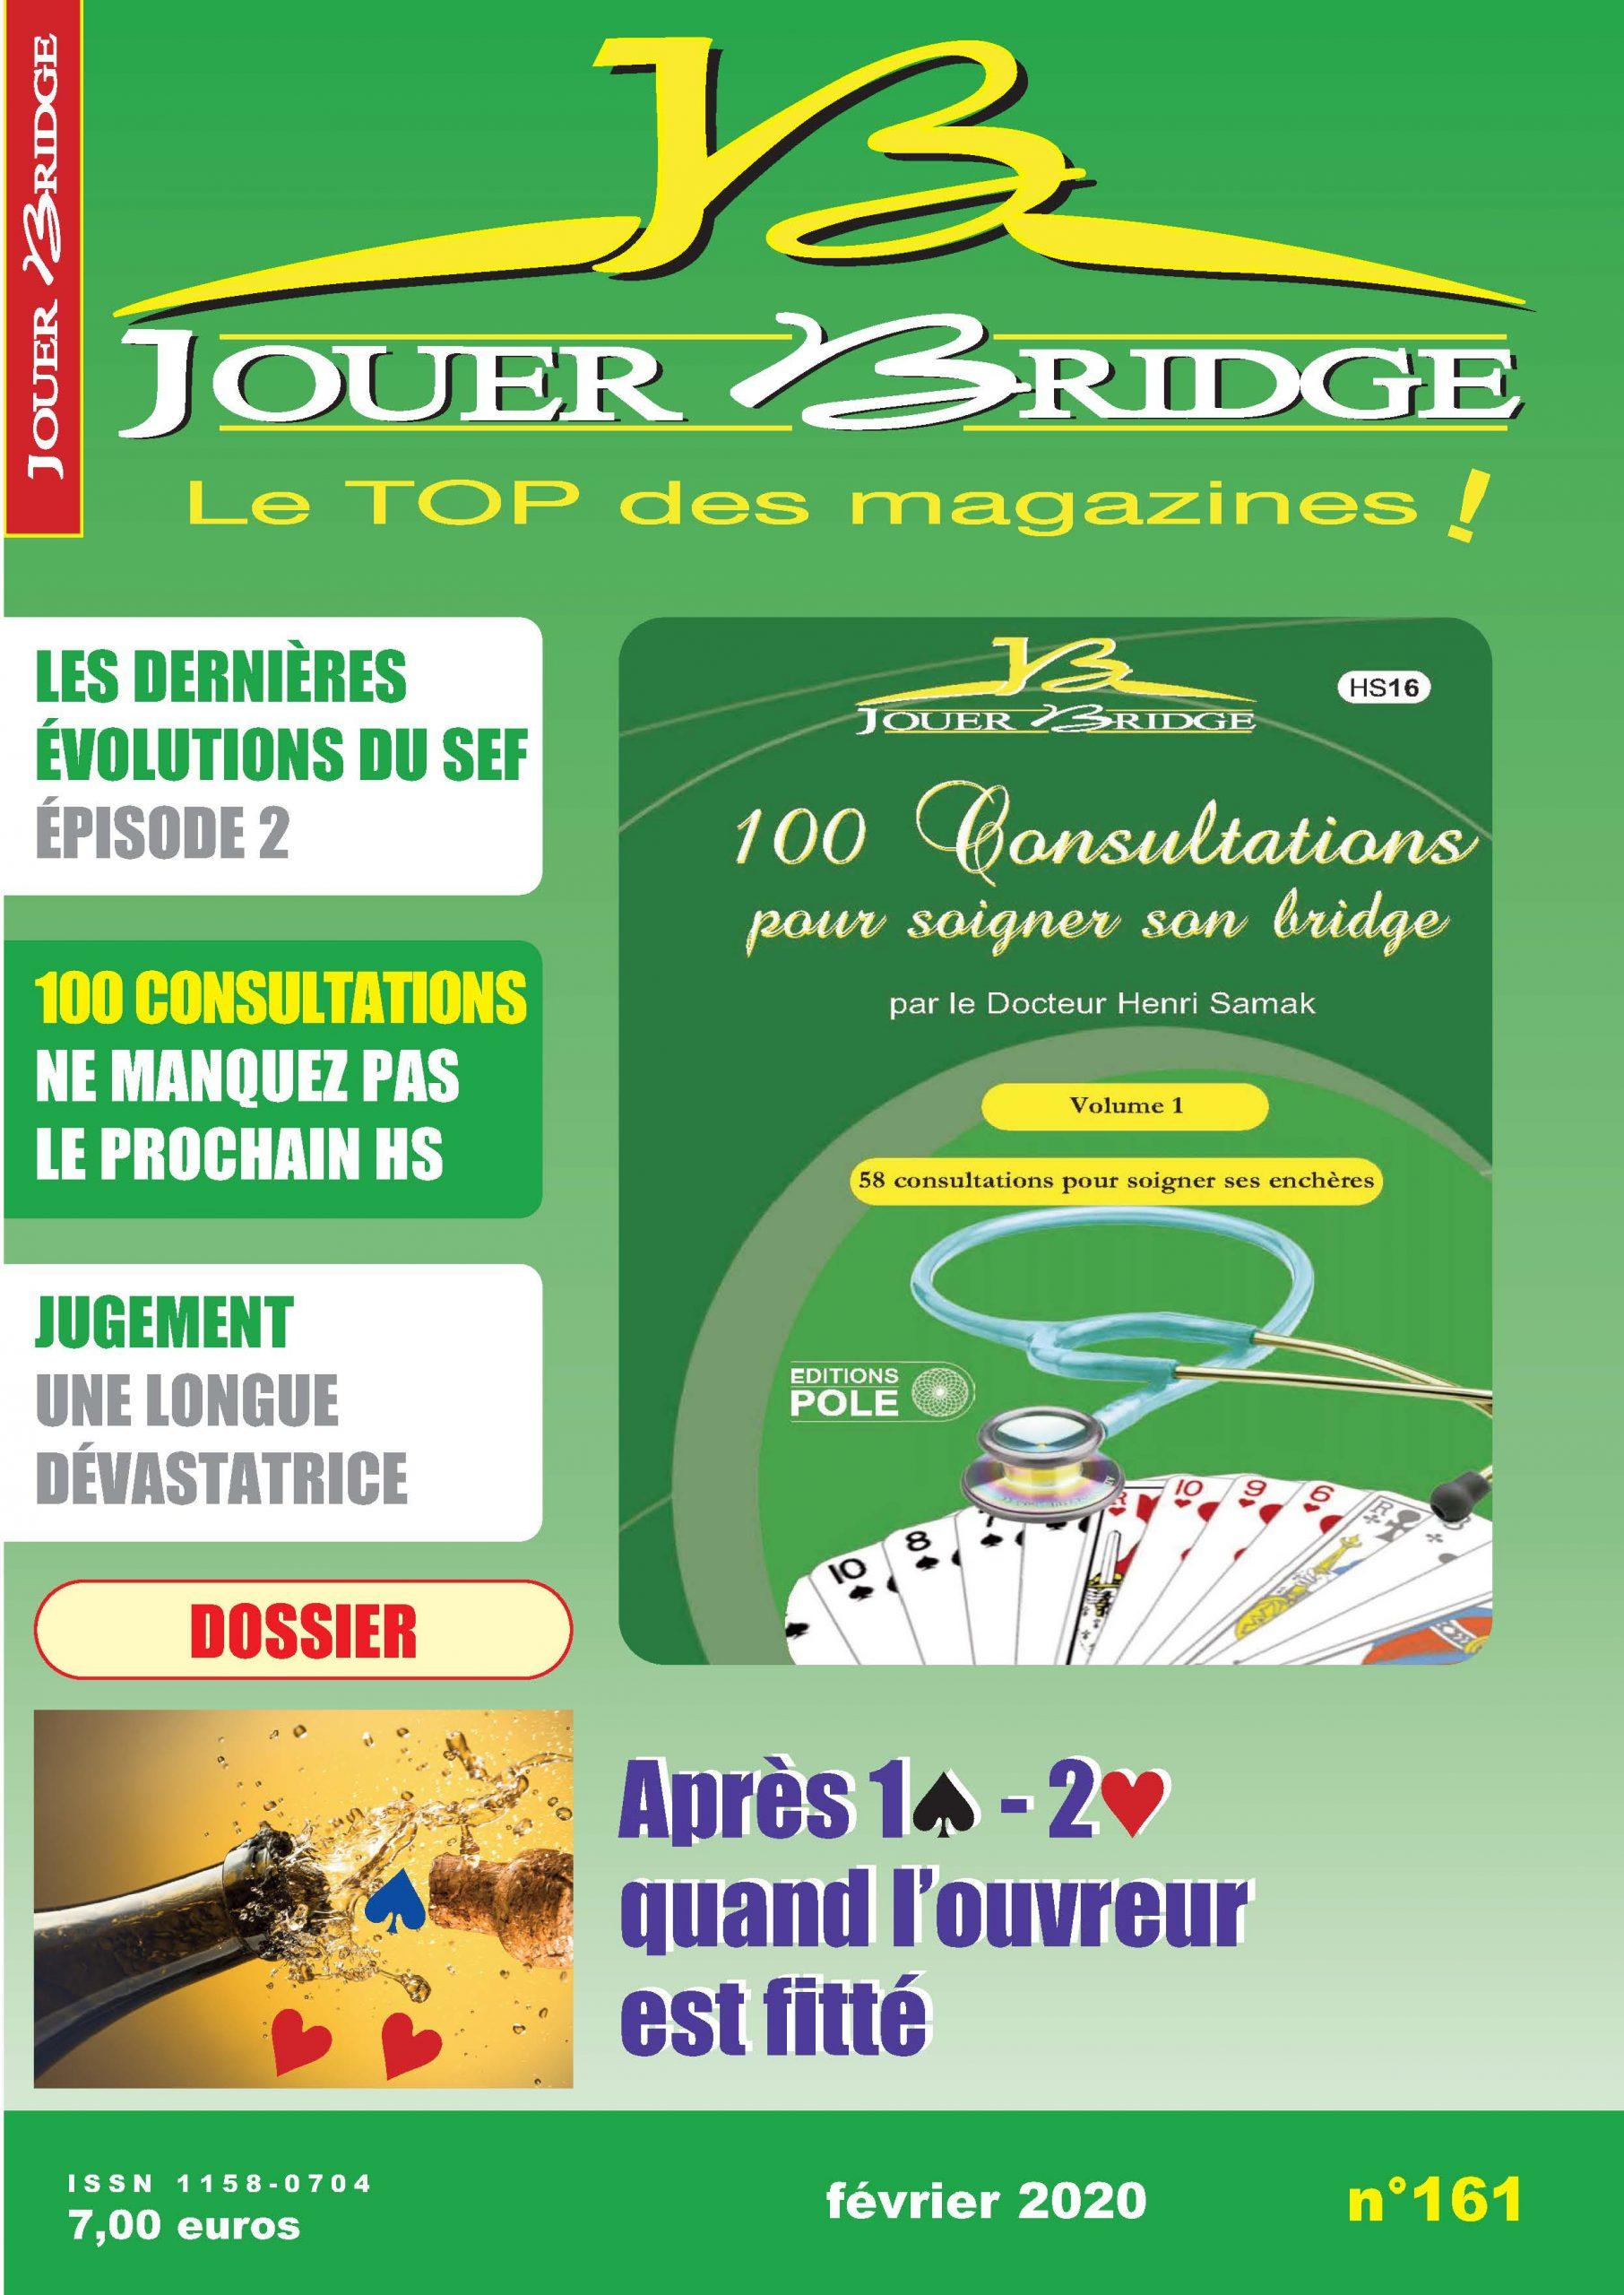 Jouer Bridge - Accueil à Puissance 4 En Ligne Gratuit